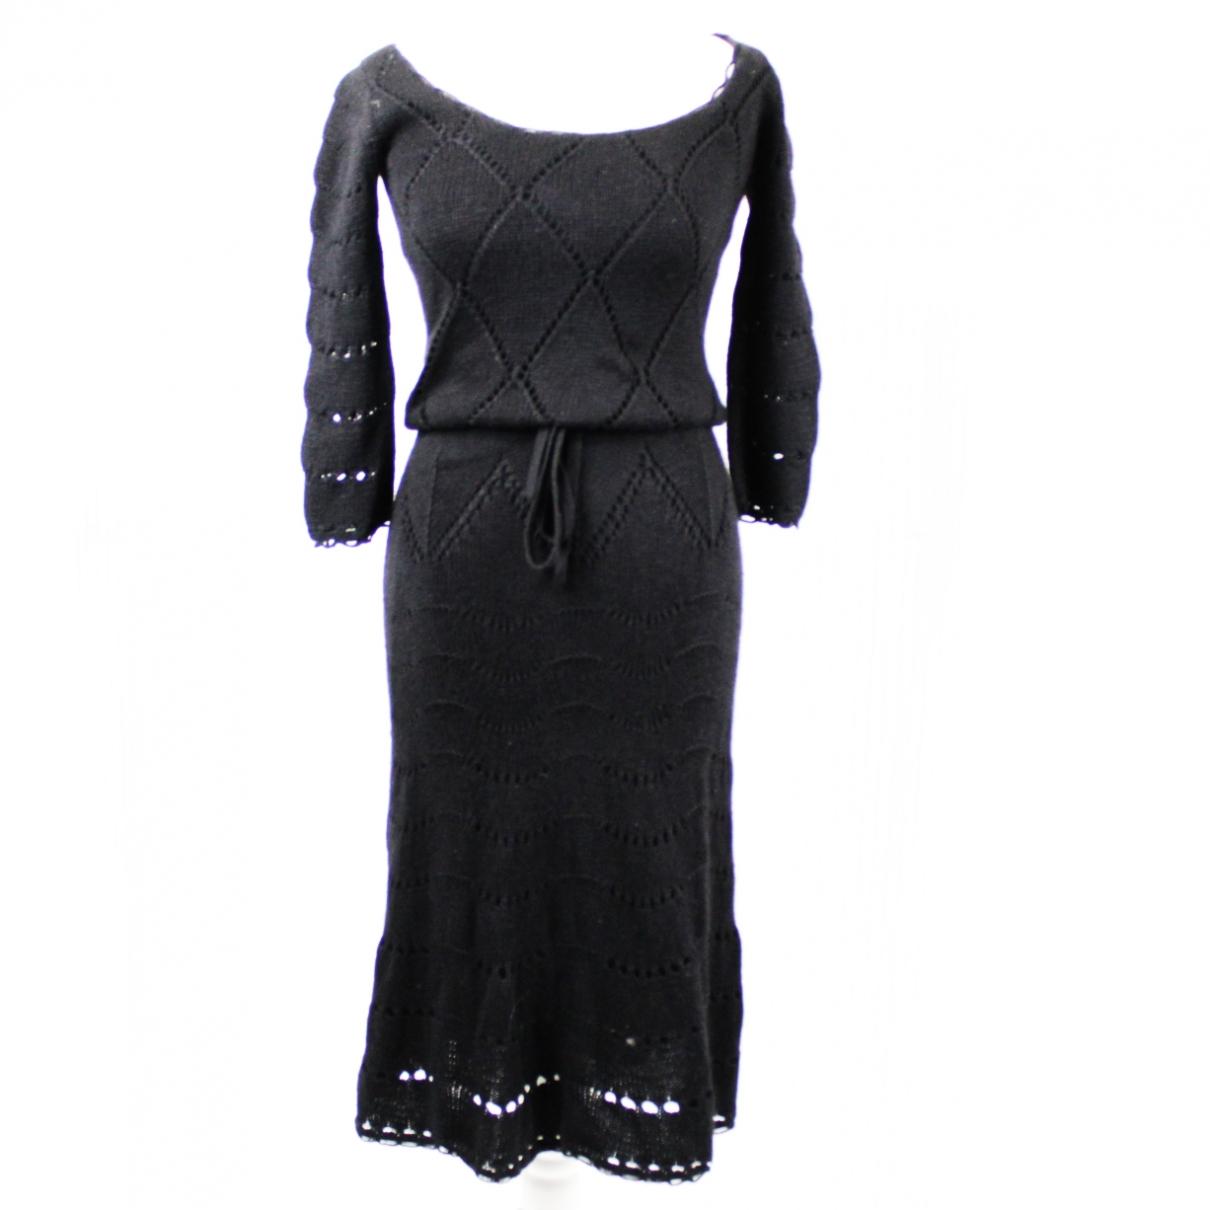 Temperley London \N Black Silk dress for Women 8 UK